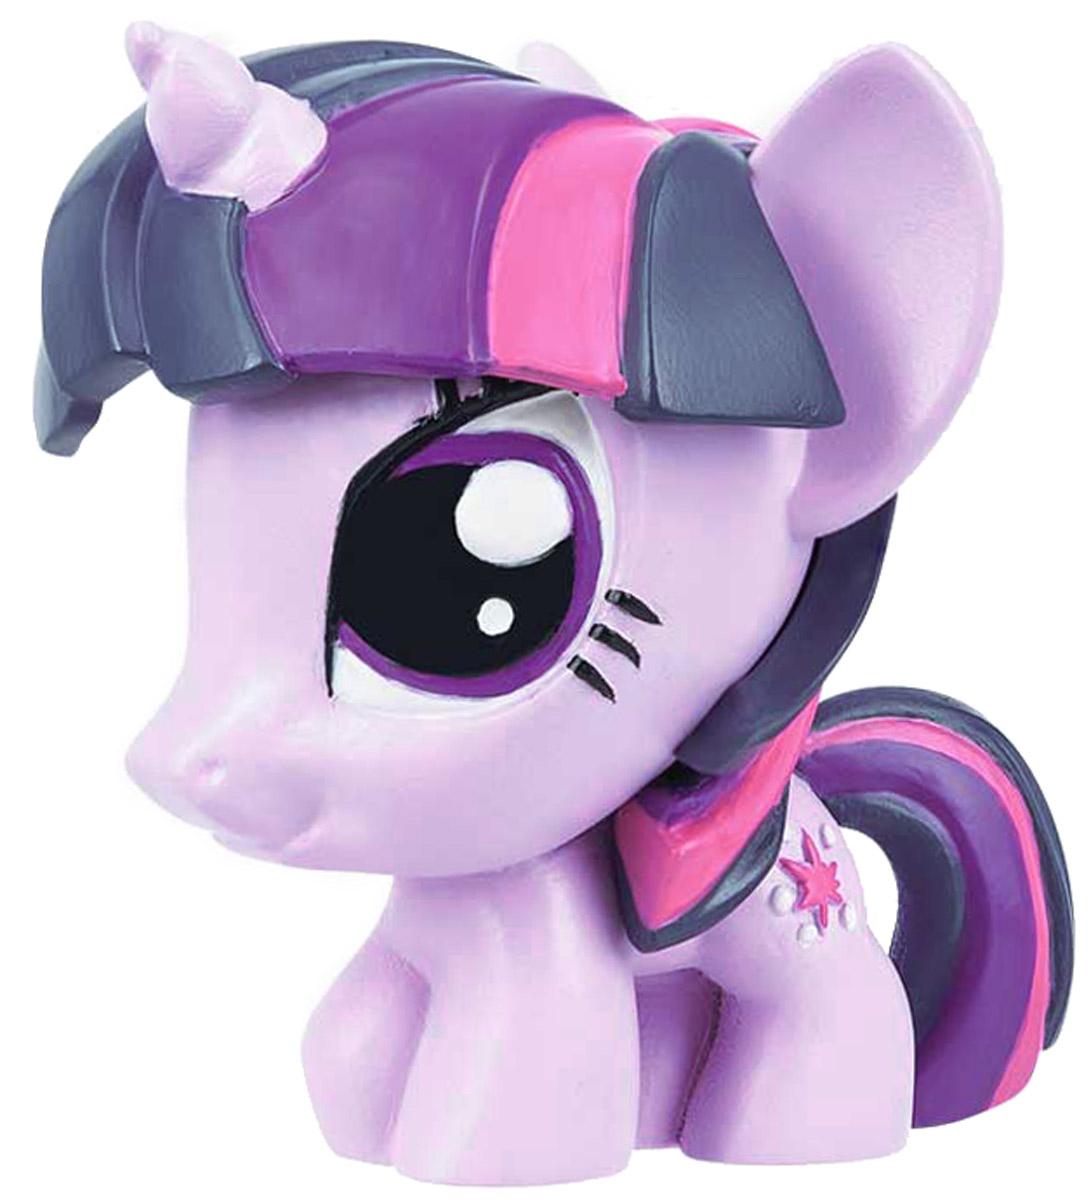 My Little Pony Фигурка-мялка Спаркл1134404_сиреневыйФигурка-мялка My Little Pony Спаркл непременно понравятся вашей малышке! Игрушка выполнена в виде героини мультфильма My Little Pony. Игрушка изготовлена из безопасной термопластичной резины, благодаря чему ее можно сжимать, крутить, кидать - а она всегда будет возвращаться в первоначальный вид. Игрушка-мялка способствует развитию мелкой моторики пальцев рук, развивает творческое мышление, укрепляет кистевые мышцы рук, создает позитивный эмоциональный фон и является замечательным антистрессом. Порадуйте своего ребенка таким замечательным подарком!